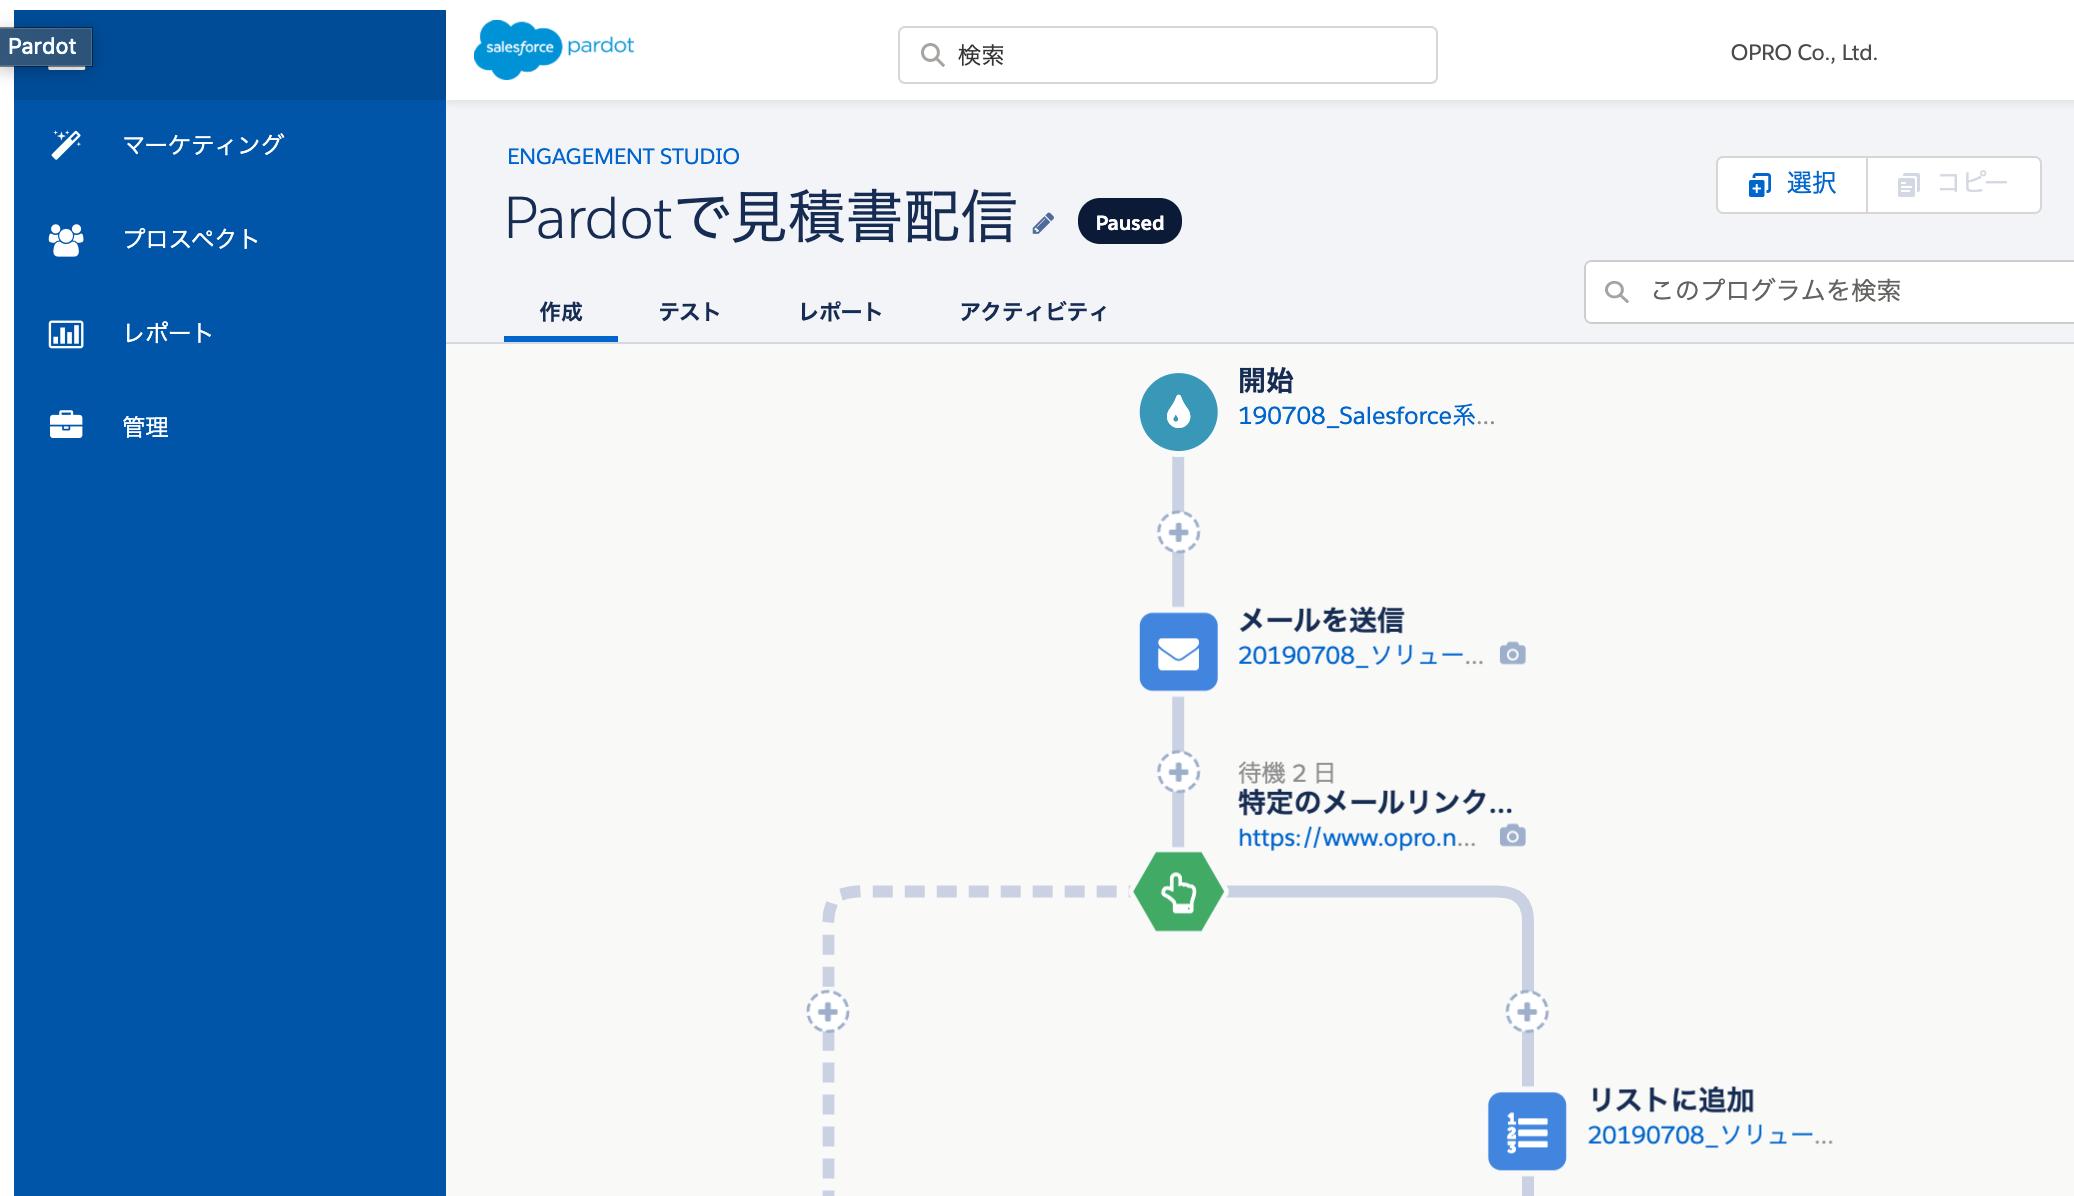 pardot_mail_blog.png